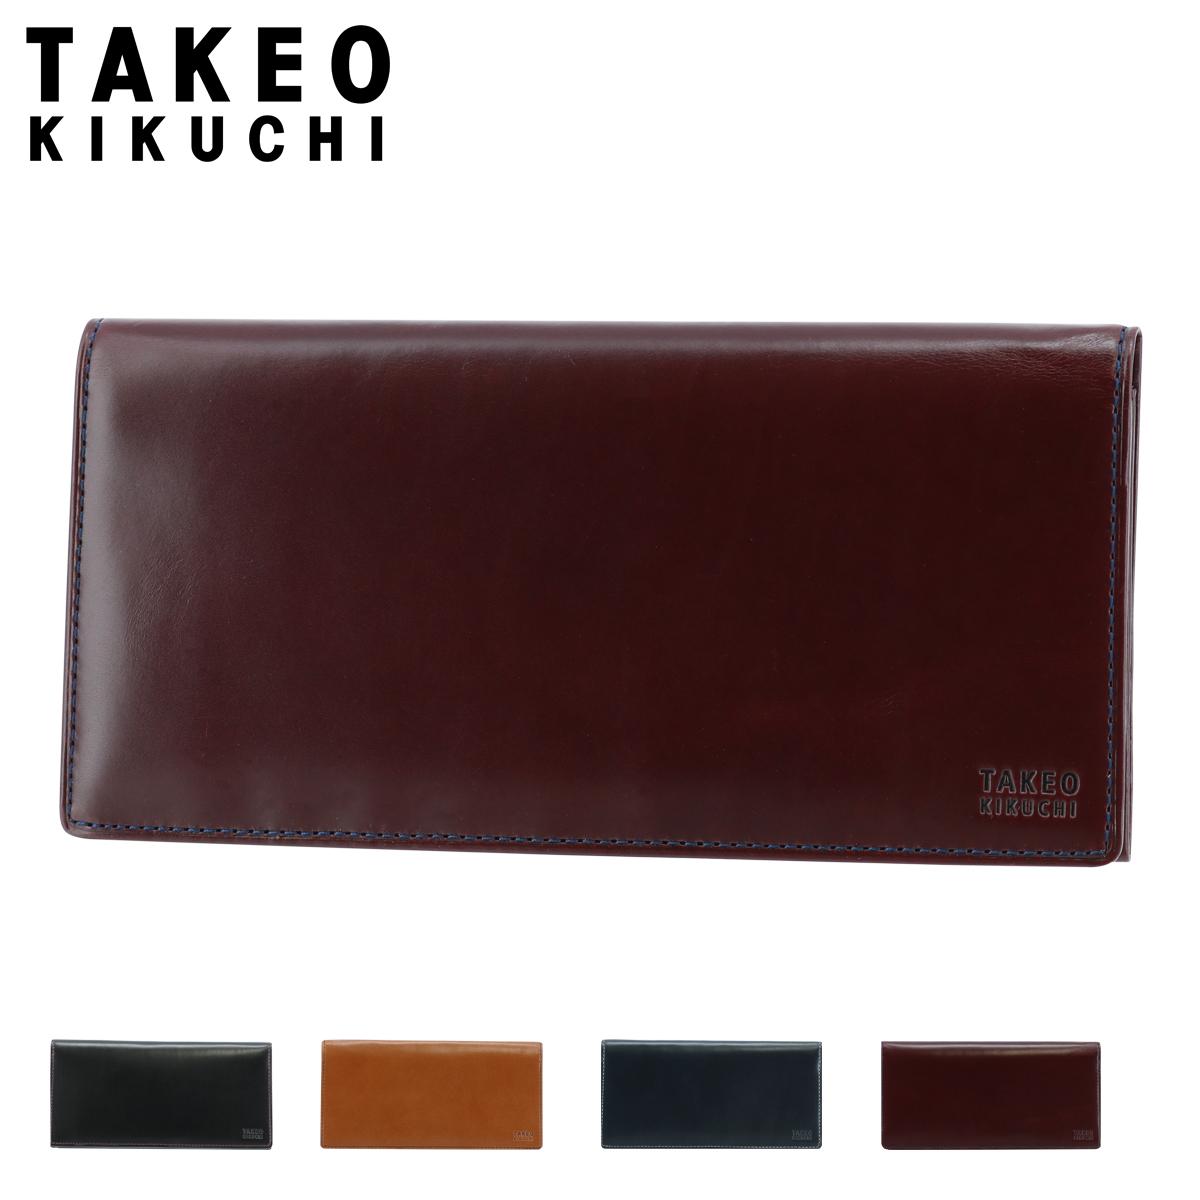 タケオキクチ 長財布 クリスターロ メンズ 755603 TAKEO KIKUCHI   小銭入れなし 薄型[PO5][即日発送]